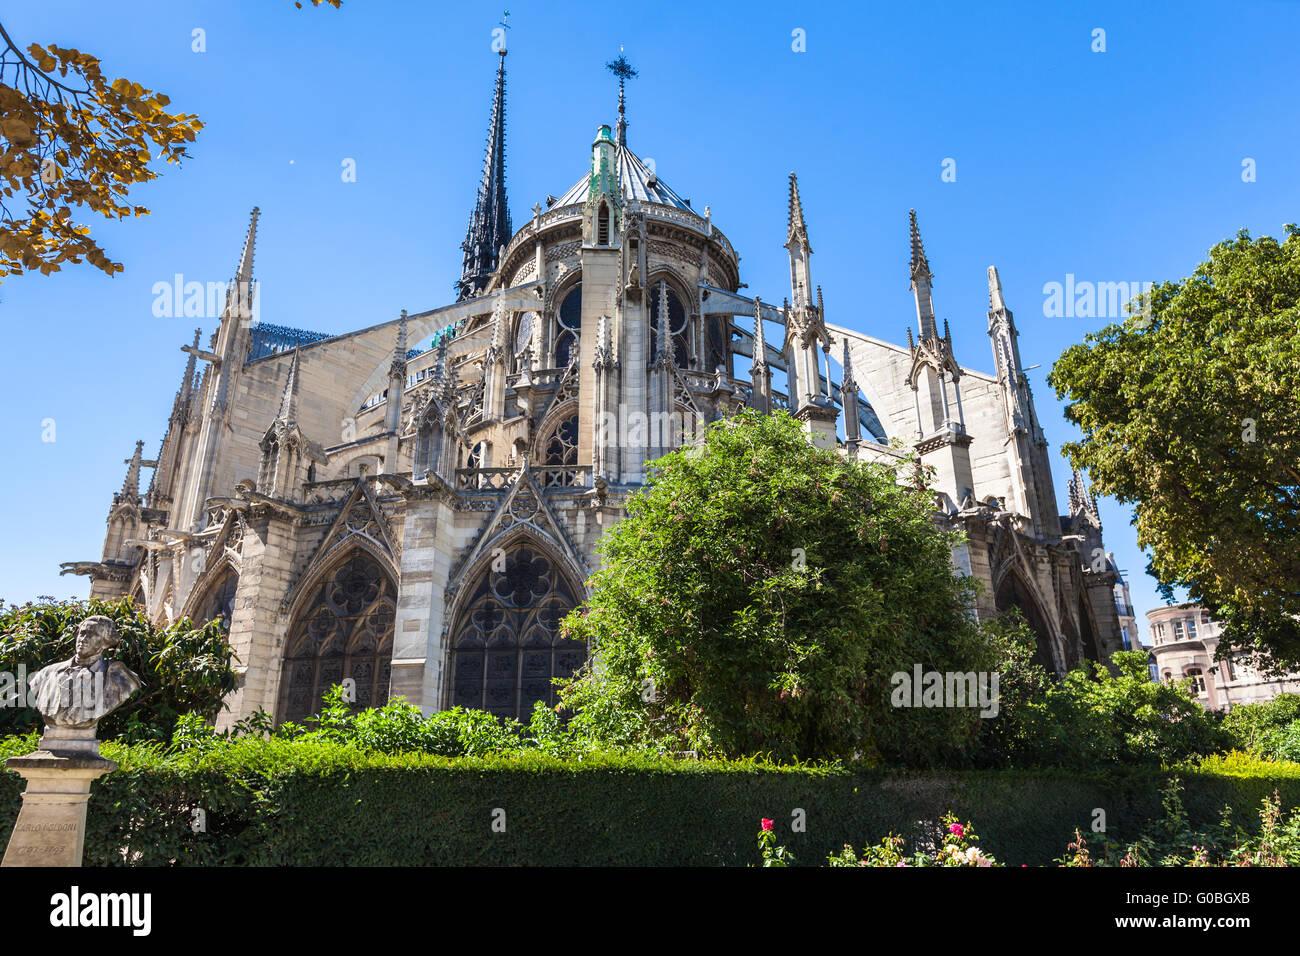 Rückseitige Ansicht von Notre Dame in Paris, Frankreich Stockbild